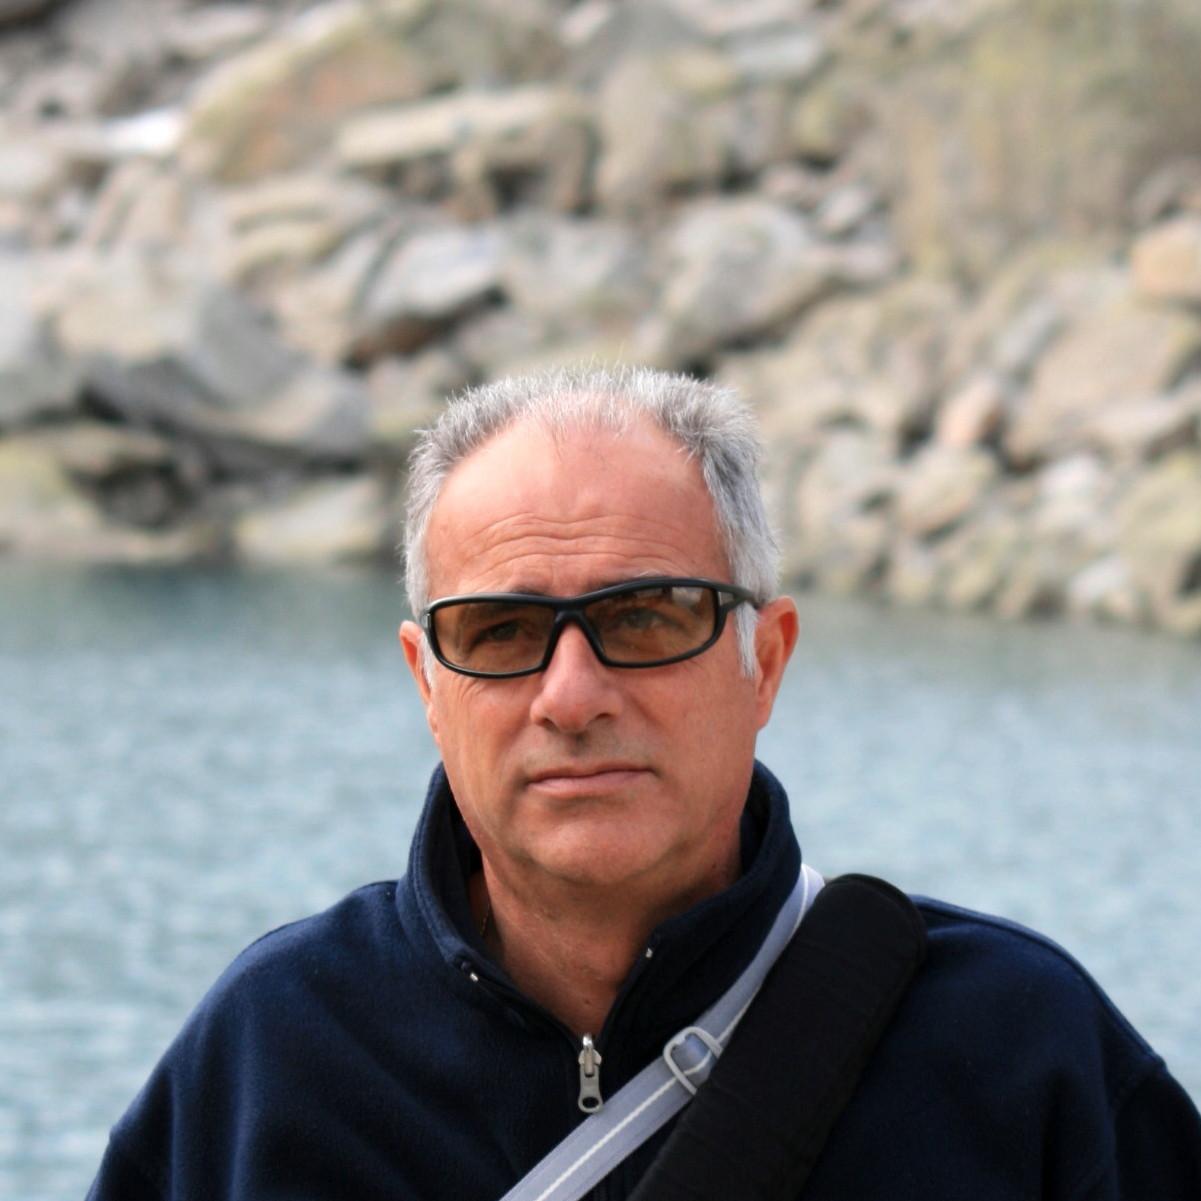 Mauro Cocchi